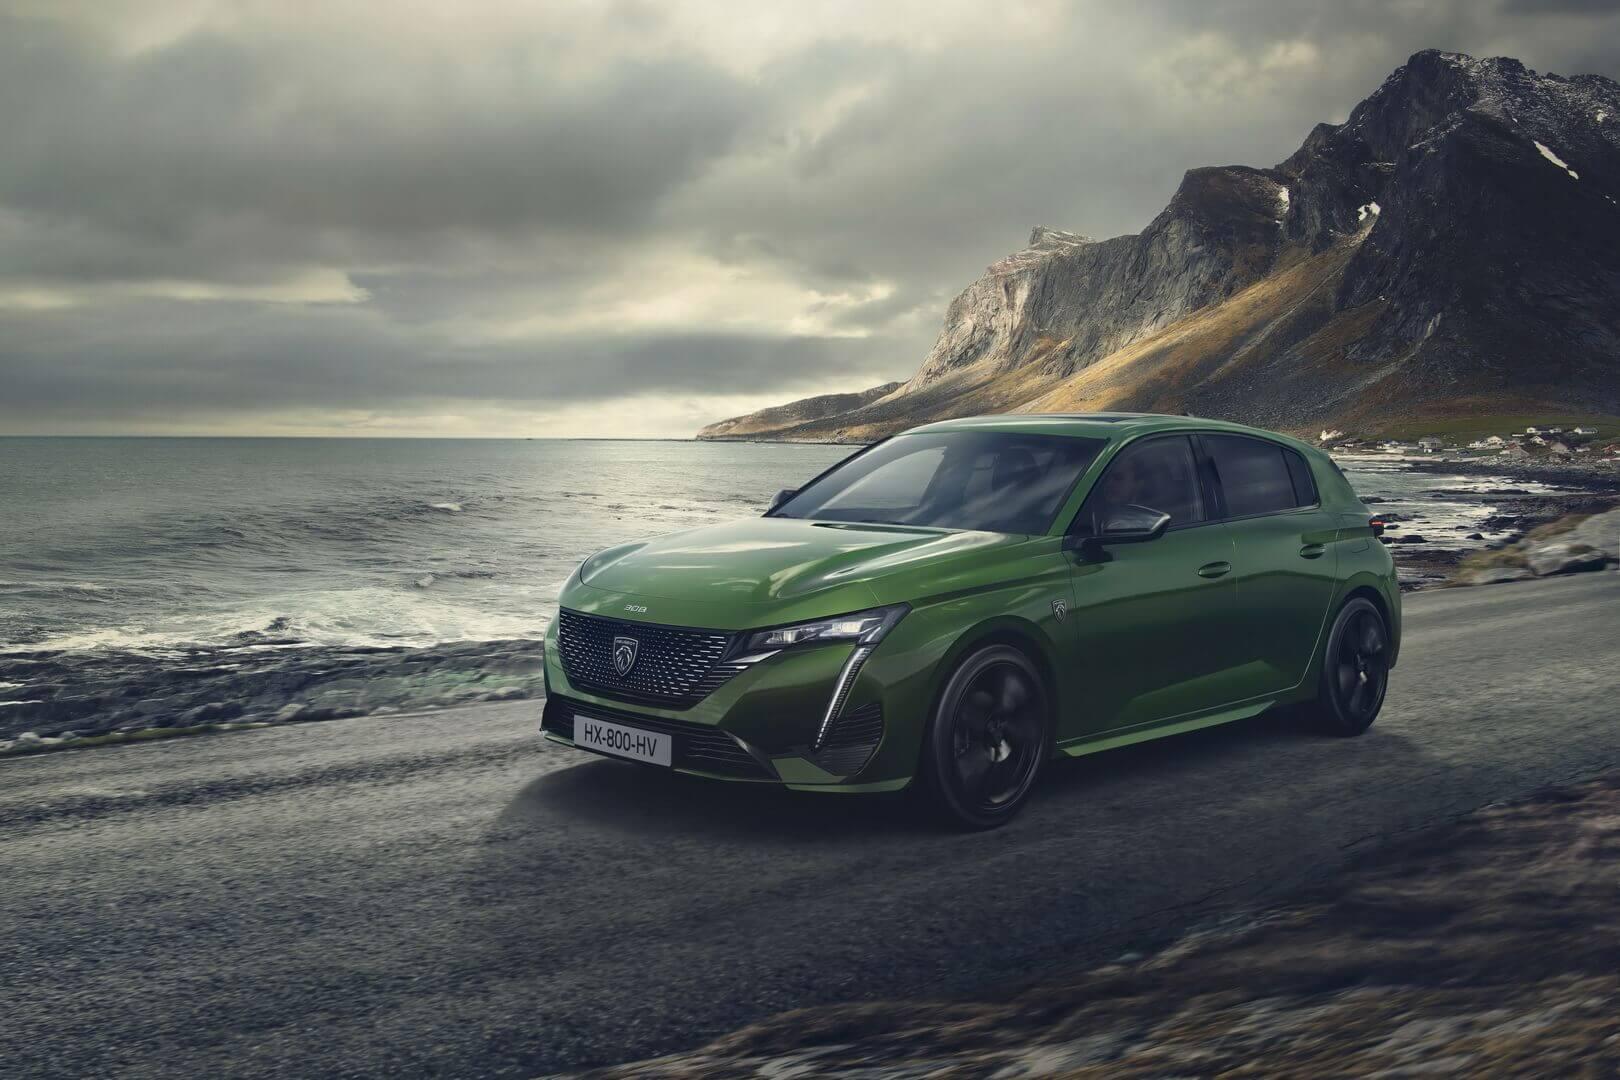 Новое поколение Peugeot 308 представлено в 2 PHEV-версиях